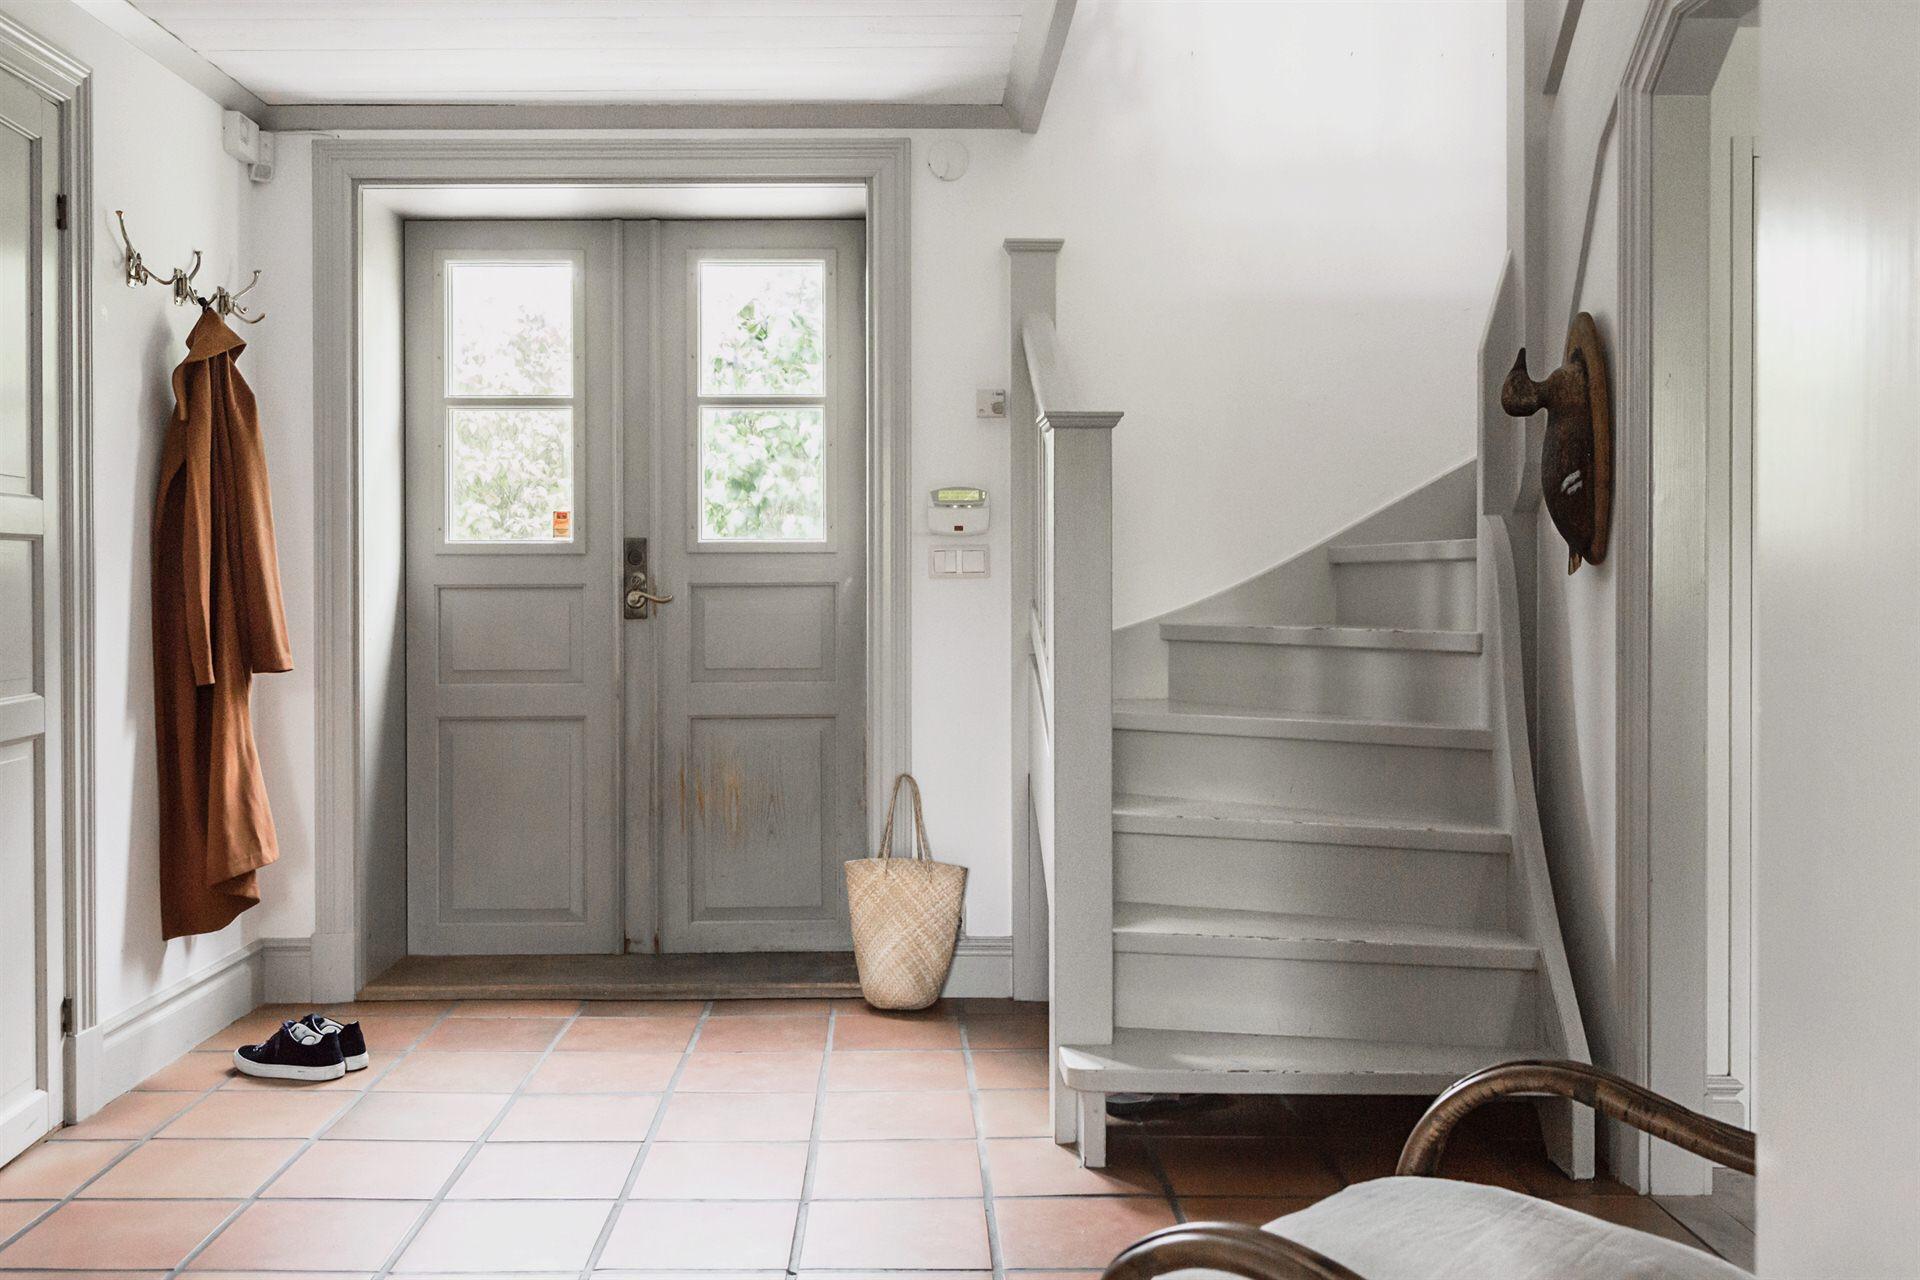 дом входная дверь коридор вешалка одежда лестница ступени